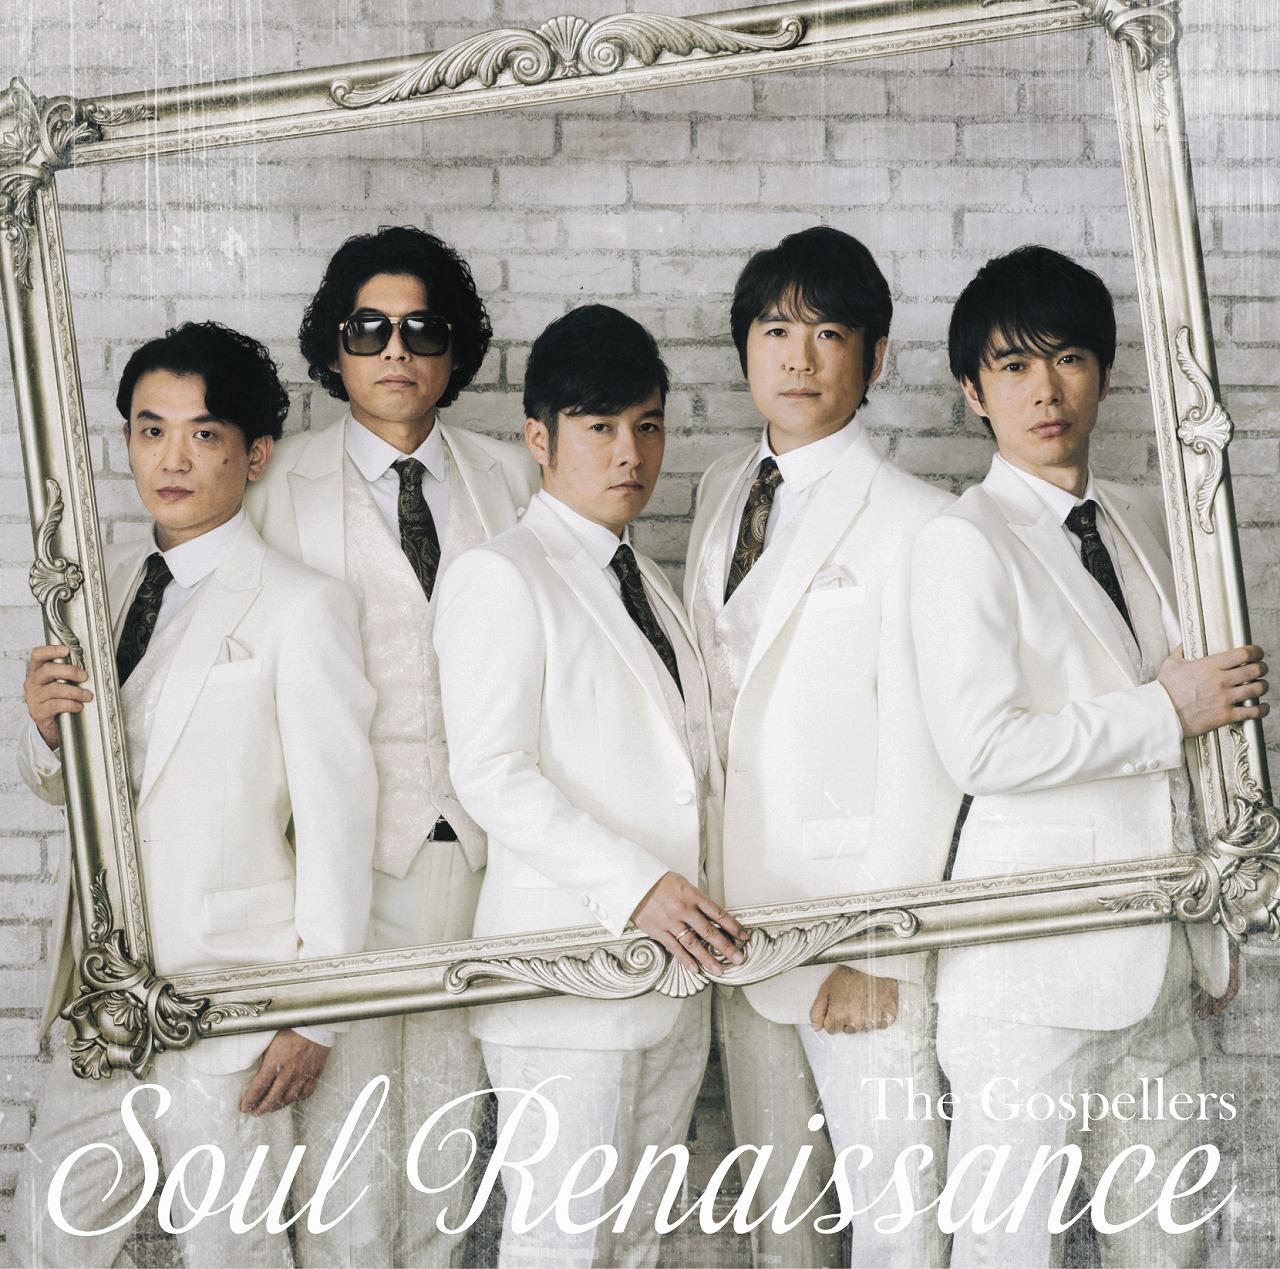 ゴスペラーズ『Soul Renaissance』